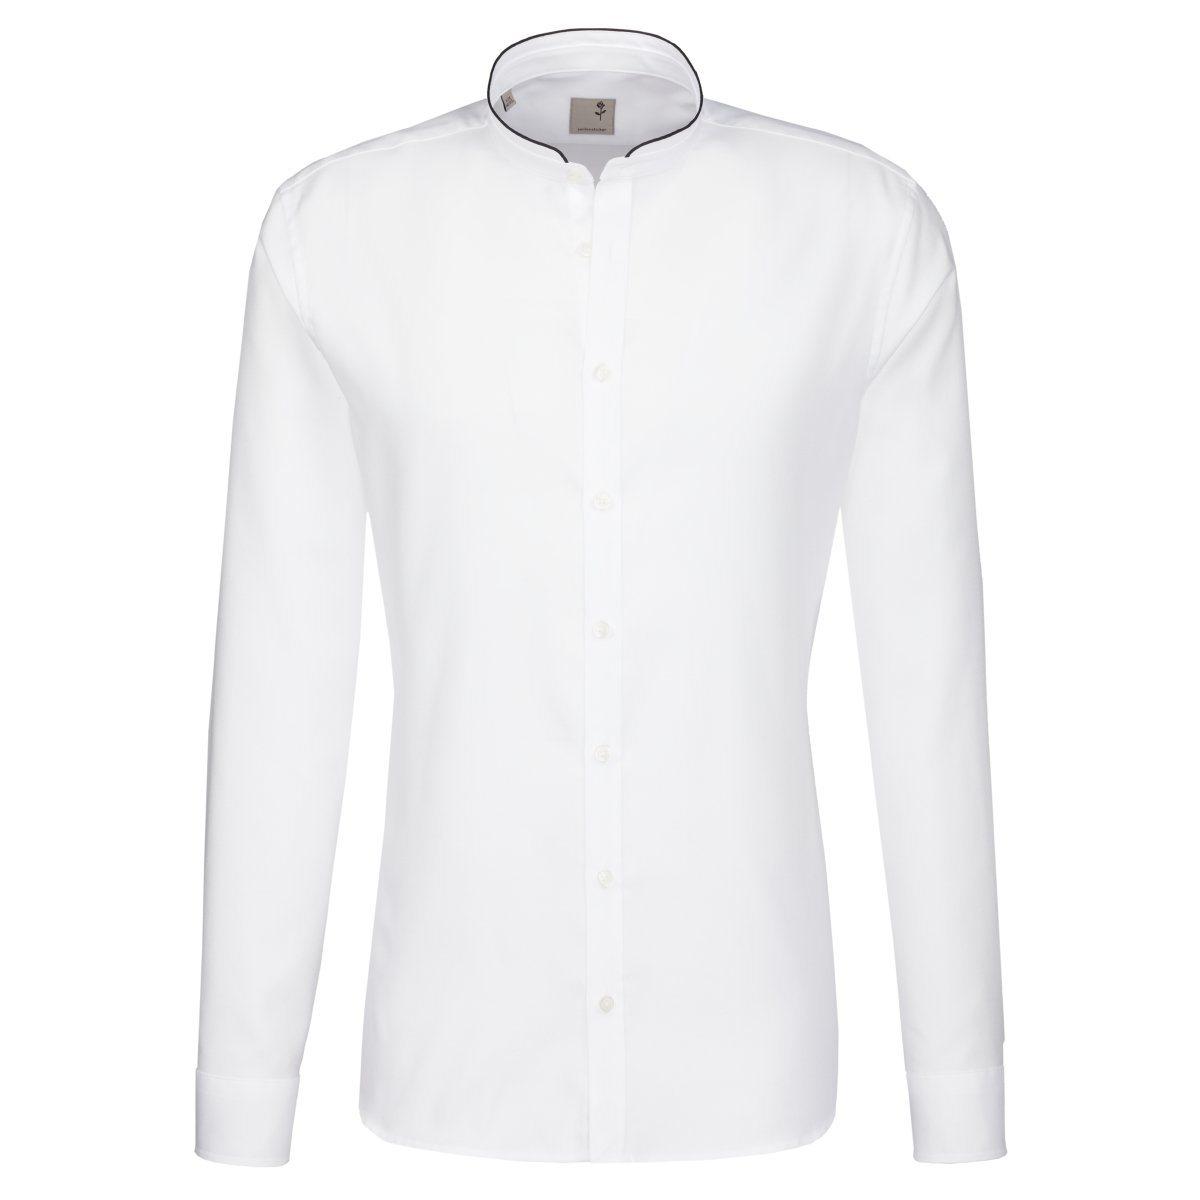 Herren seidensticker Businesshemd Tailored, Stehbund-Kragen braun, weiß | 04048869186233